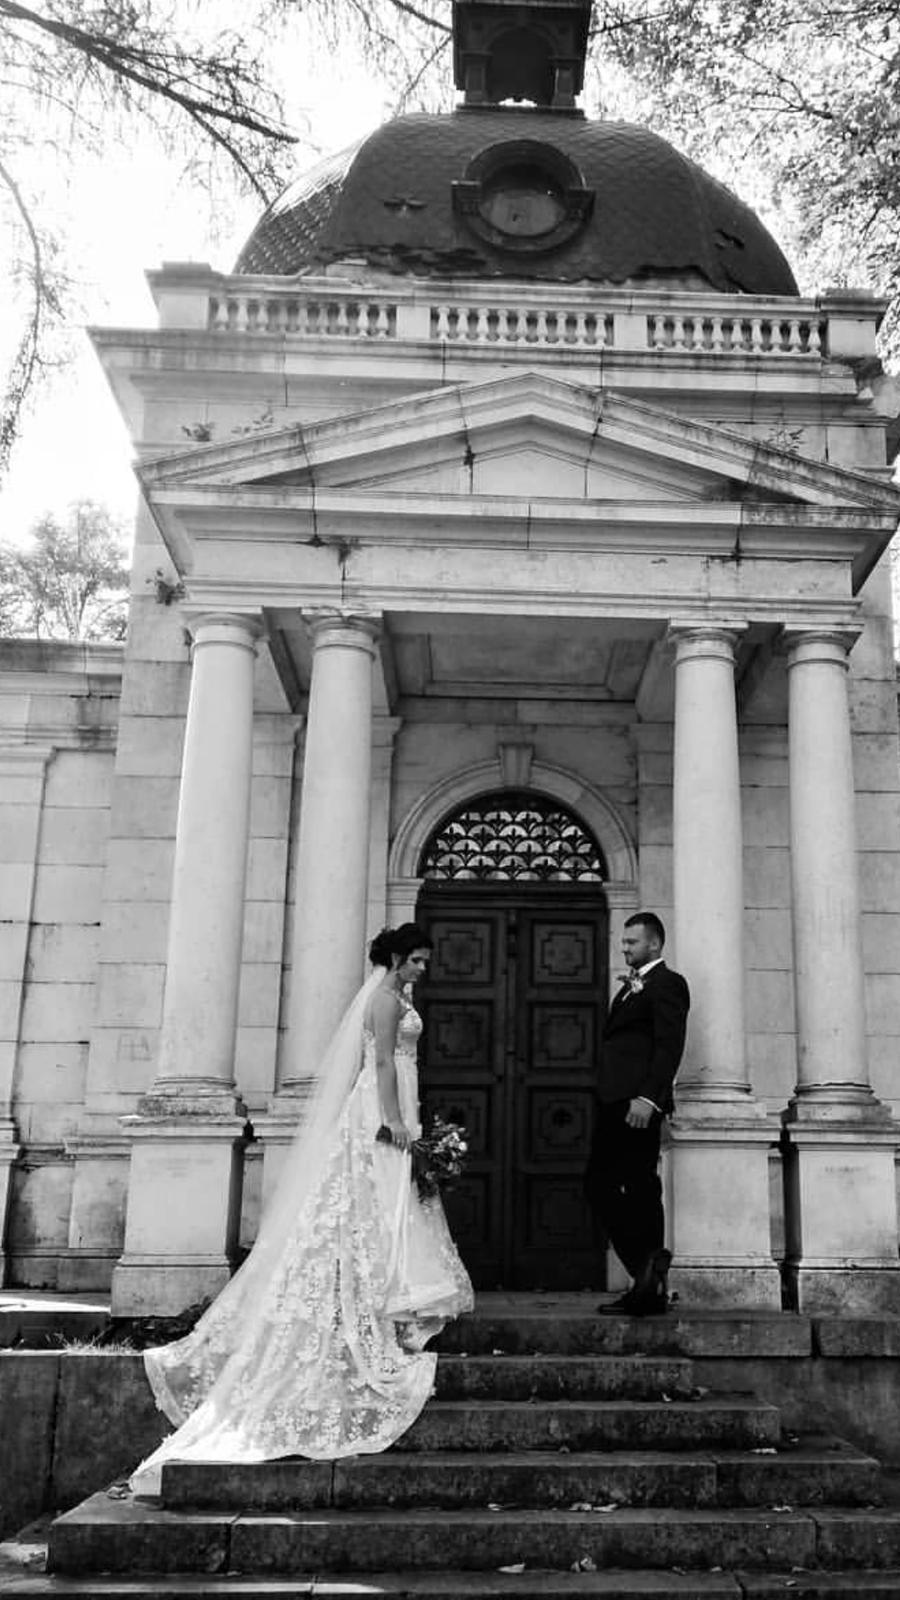 Naše svadobné foto :) zatial len tak z mobilu :D - Obrázok č. 2